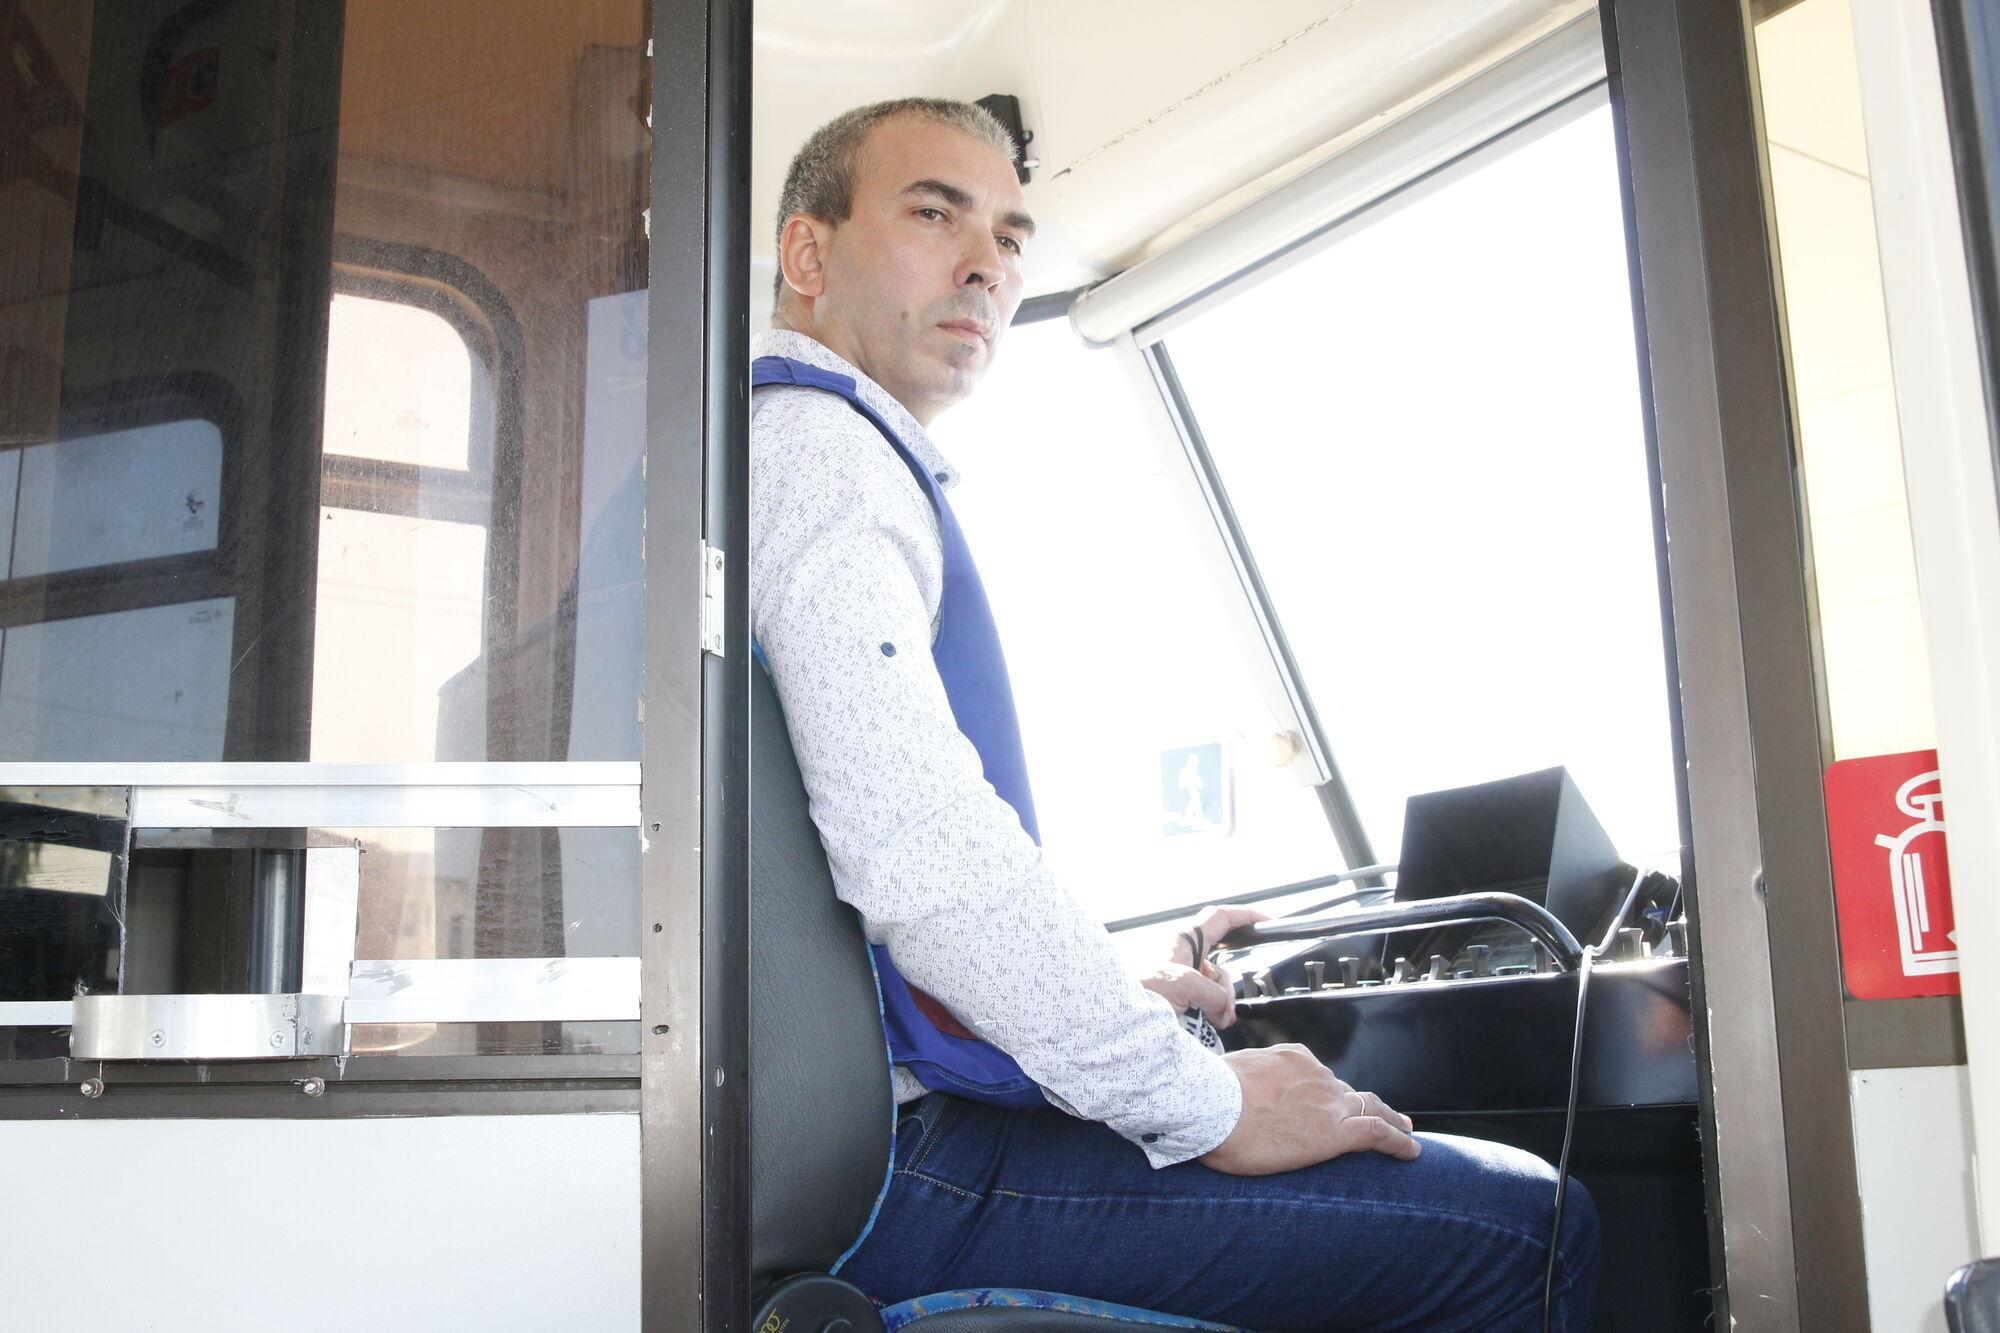 Водитель трамвая Максим Рудюк